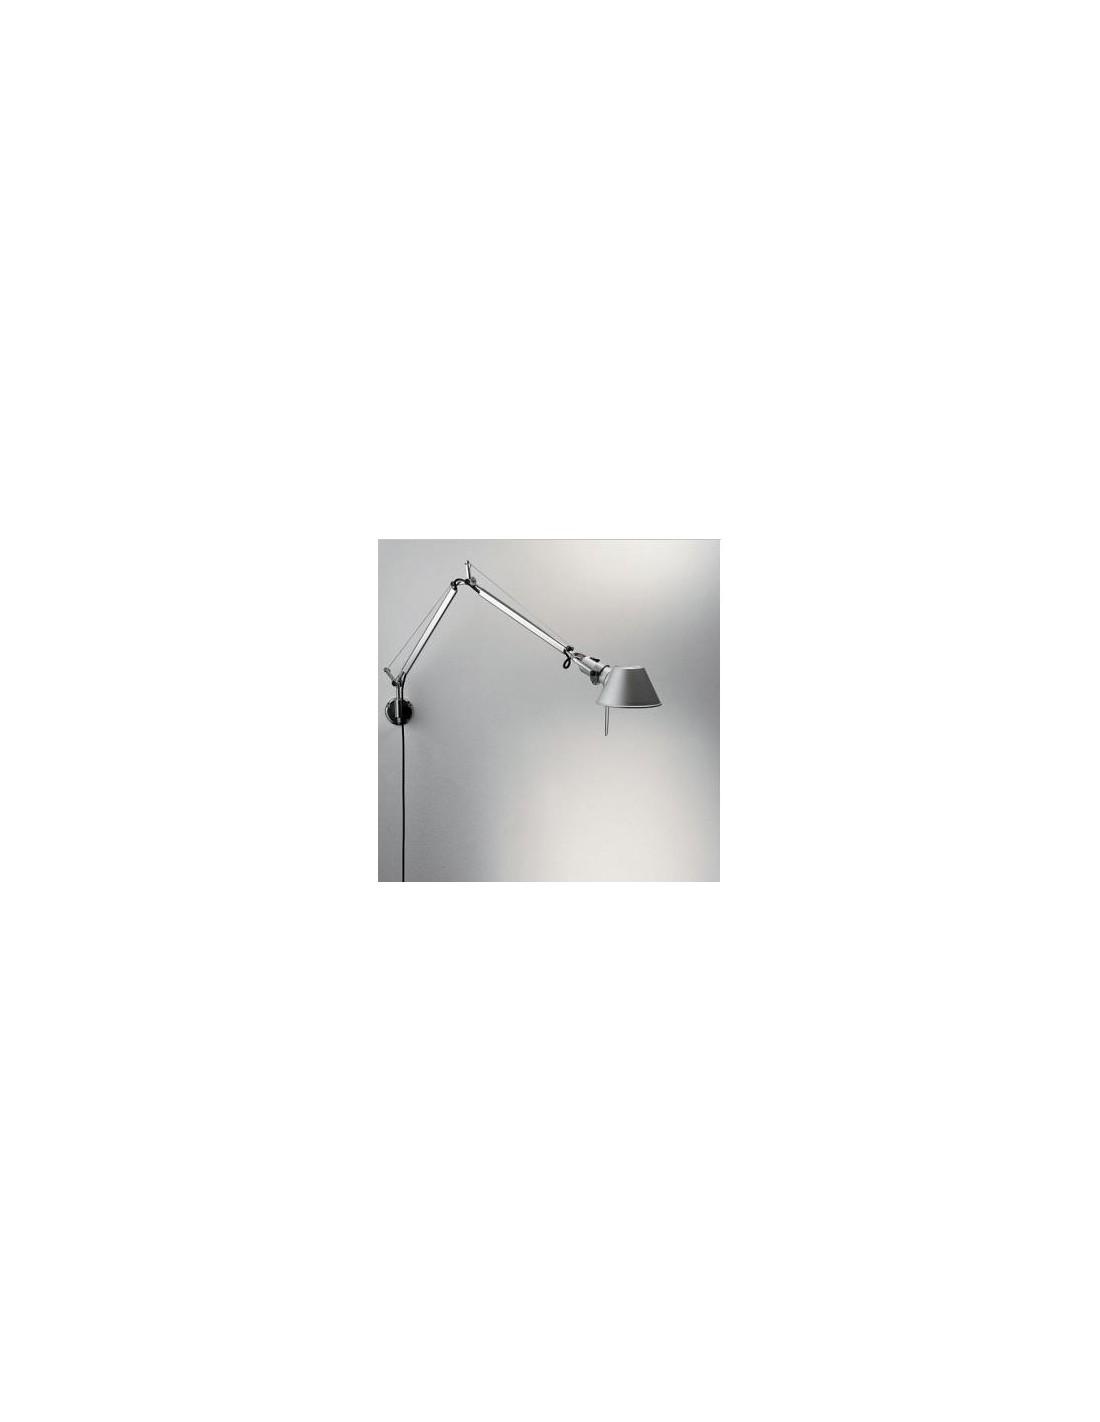 Applique tolomeo micro parete aluminium artemide - Artemide tolomeo micro parete ...